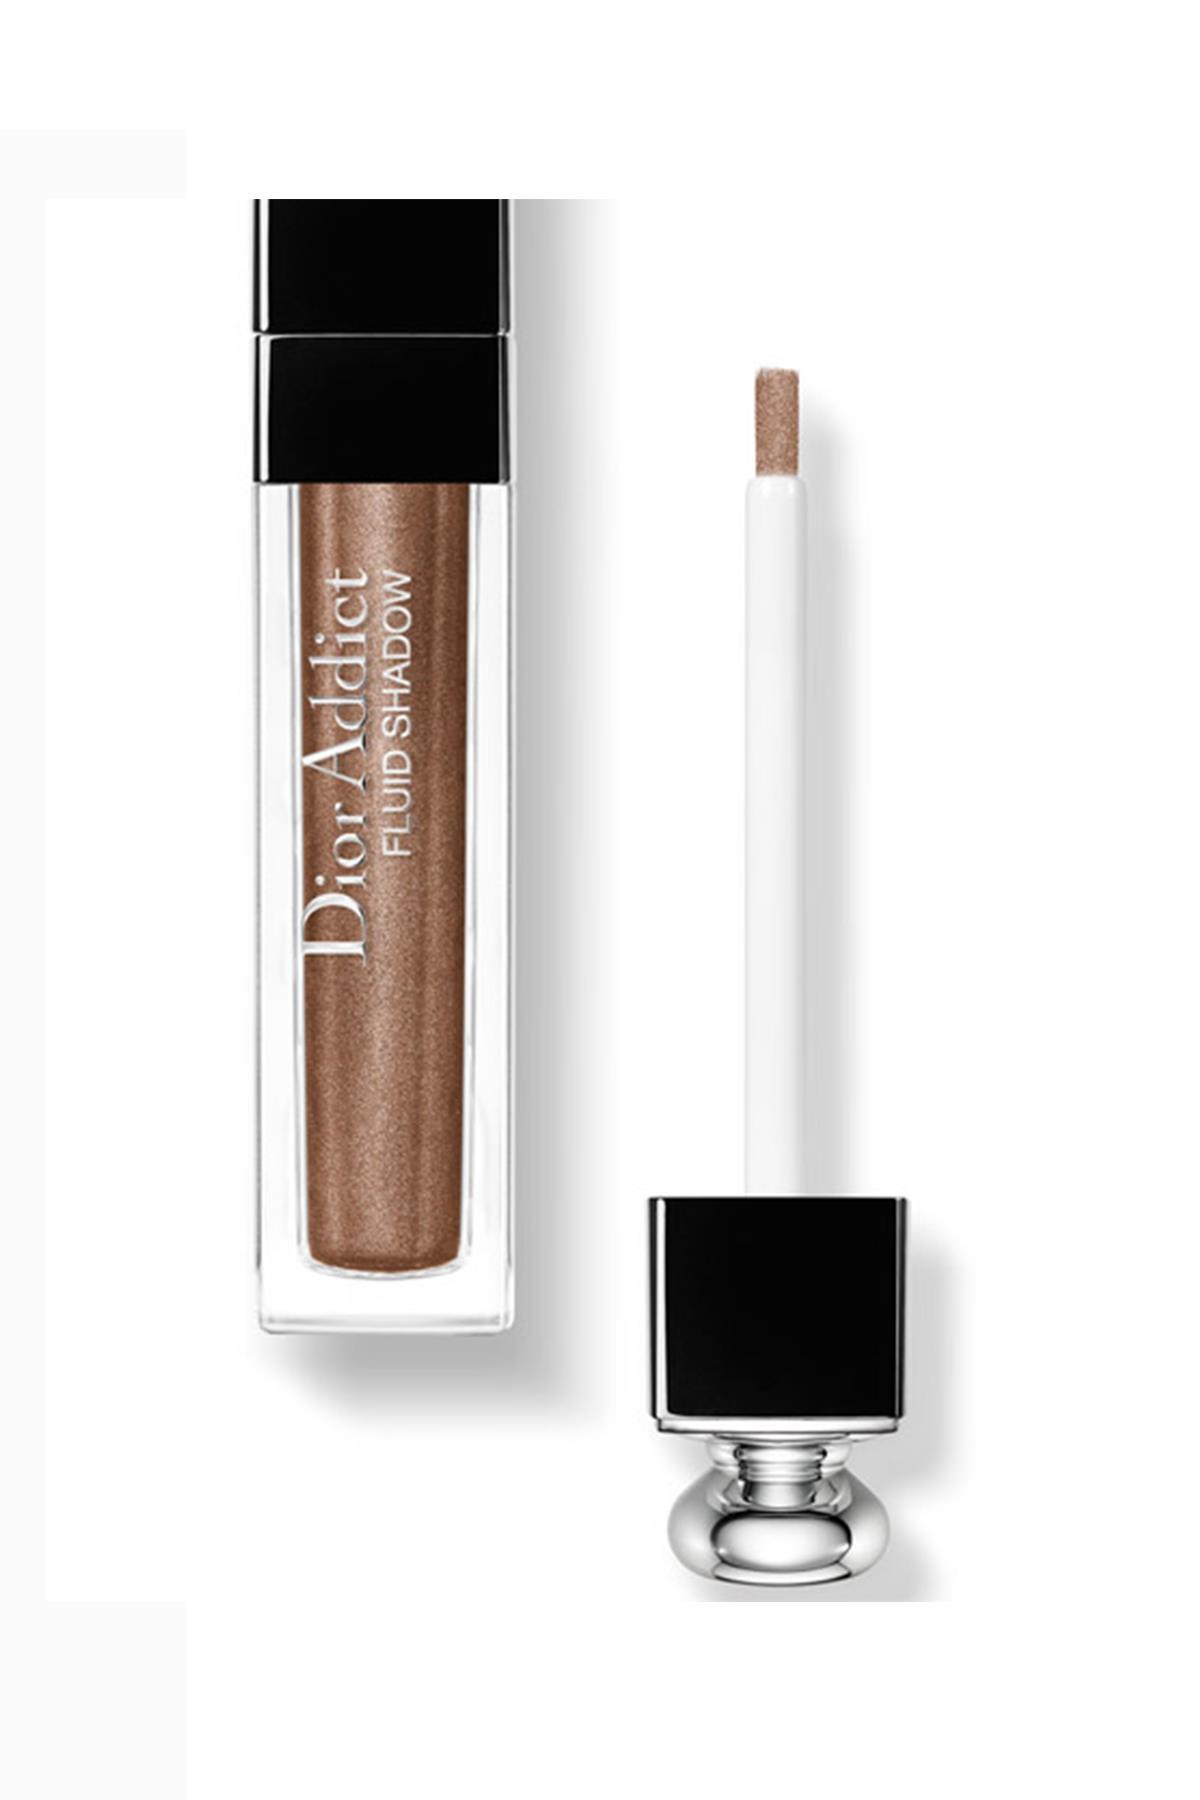 Dior Addict Fluid Shadow Eyeshadow Liner 655 Univers